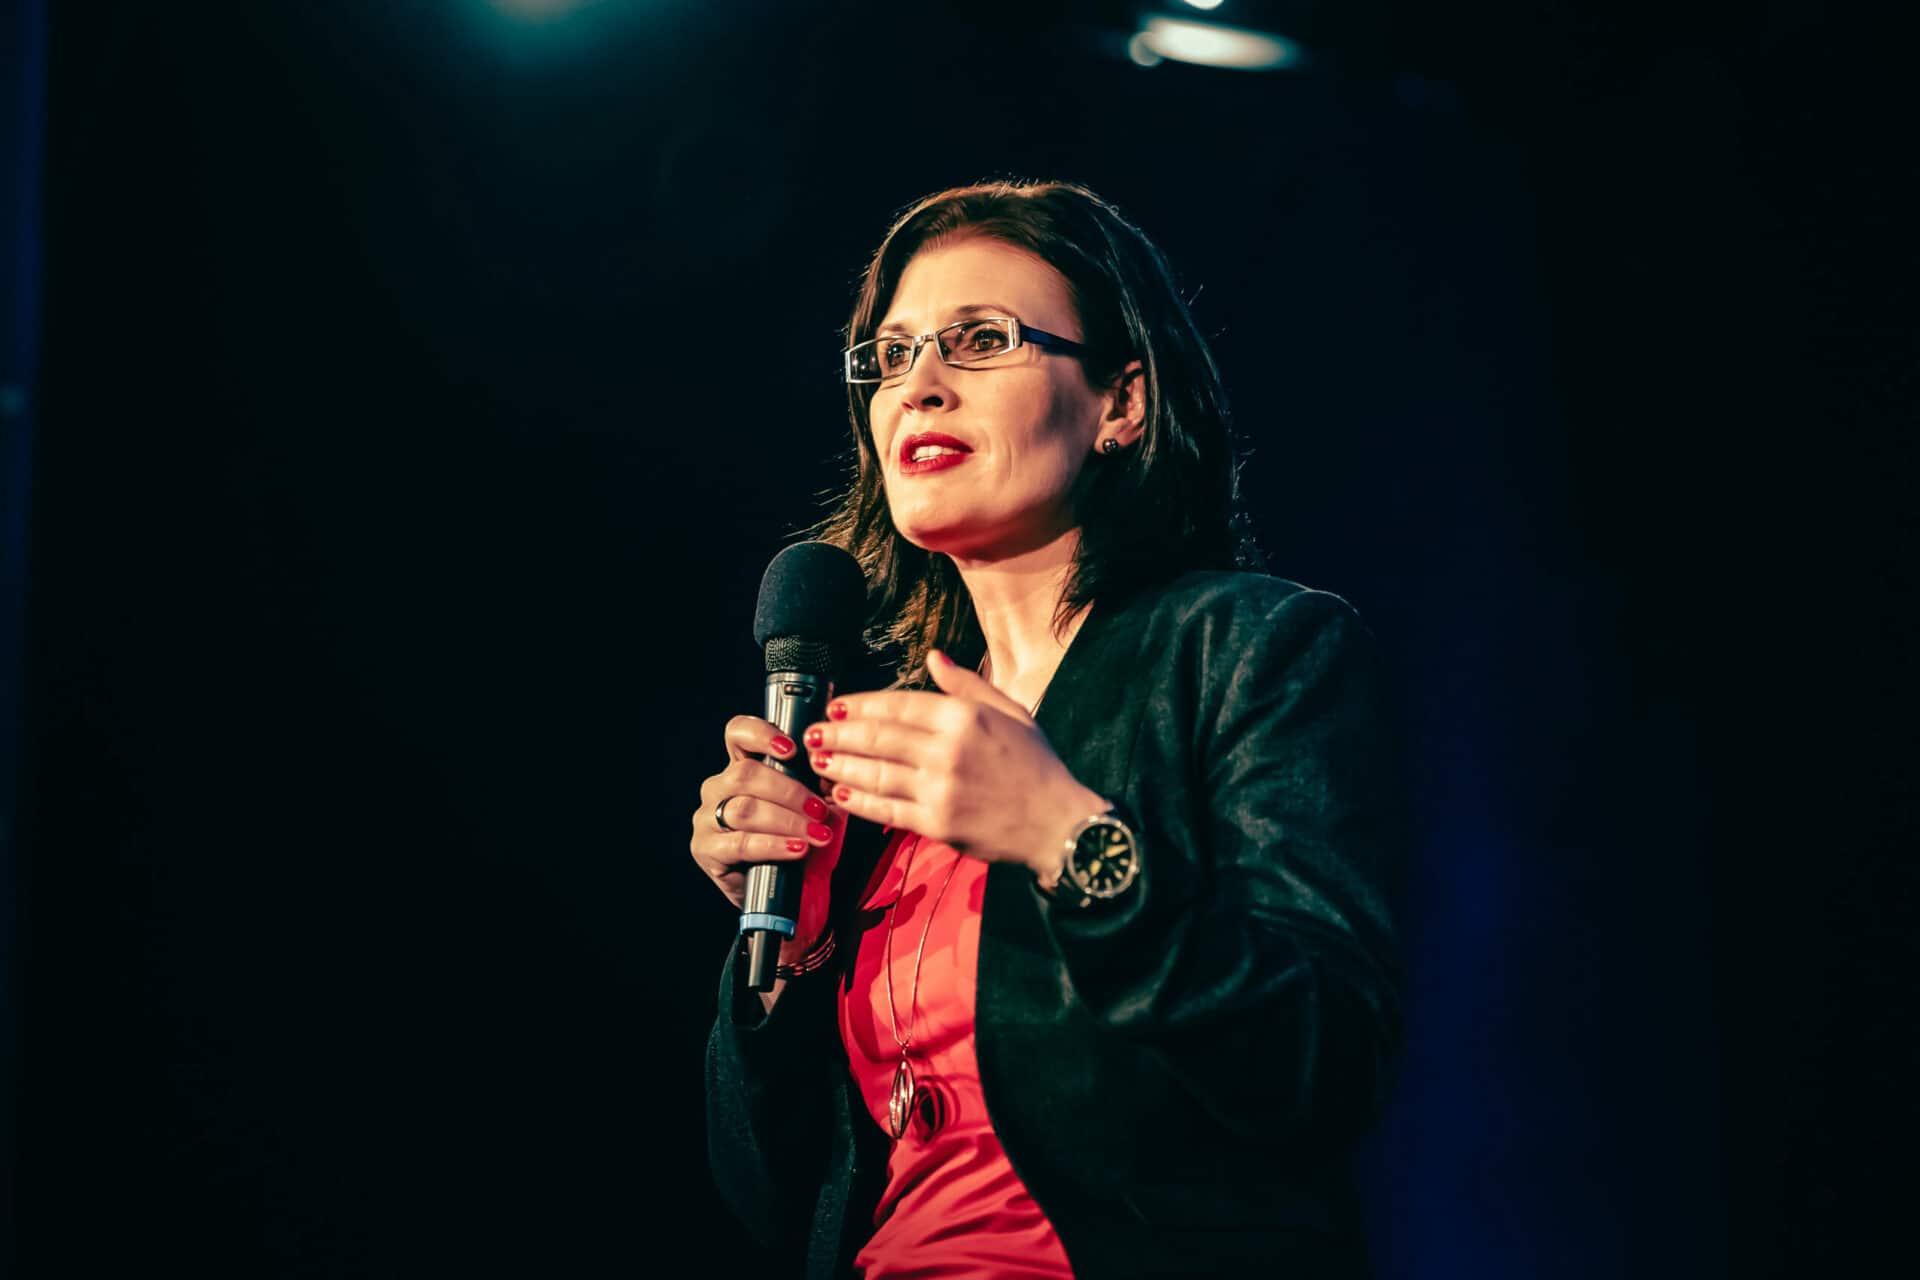 Menschlichkeit ist die Zukunft der Digitalisierung, so  der Leitspruch von Sabrina von Nessen